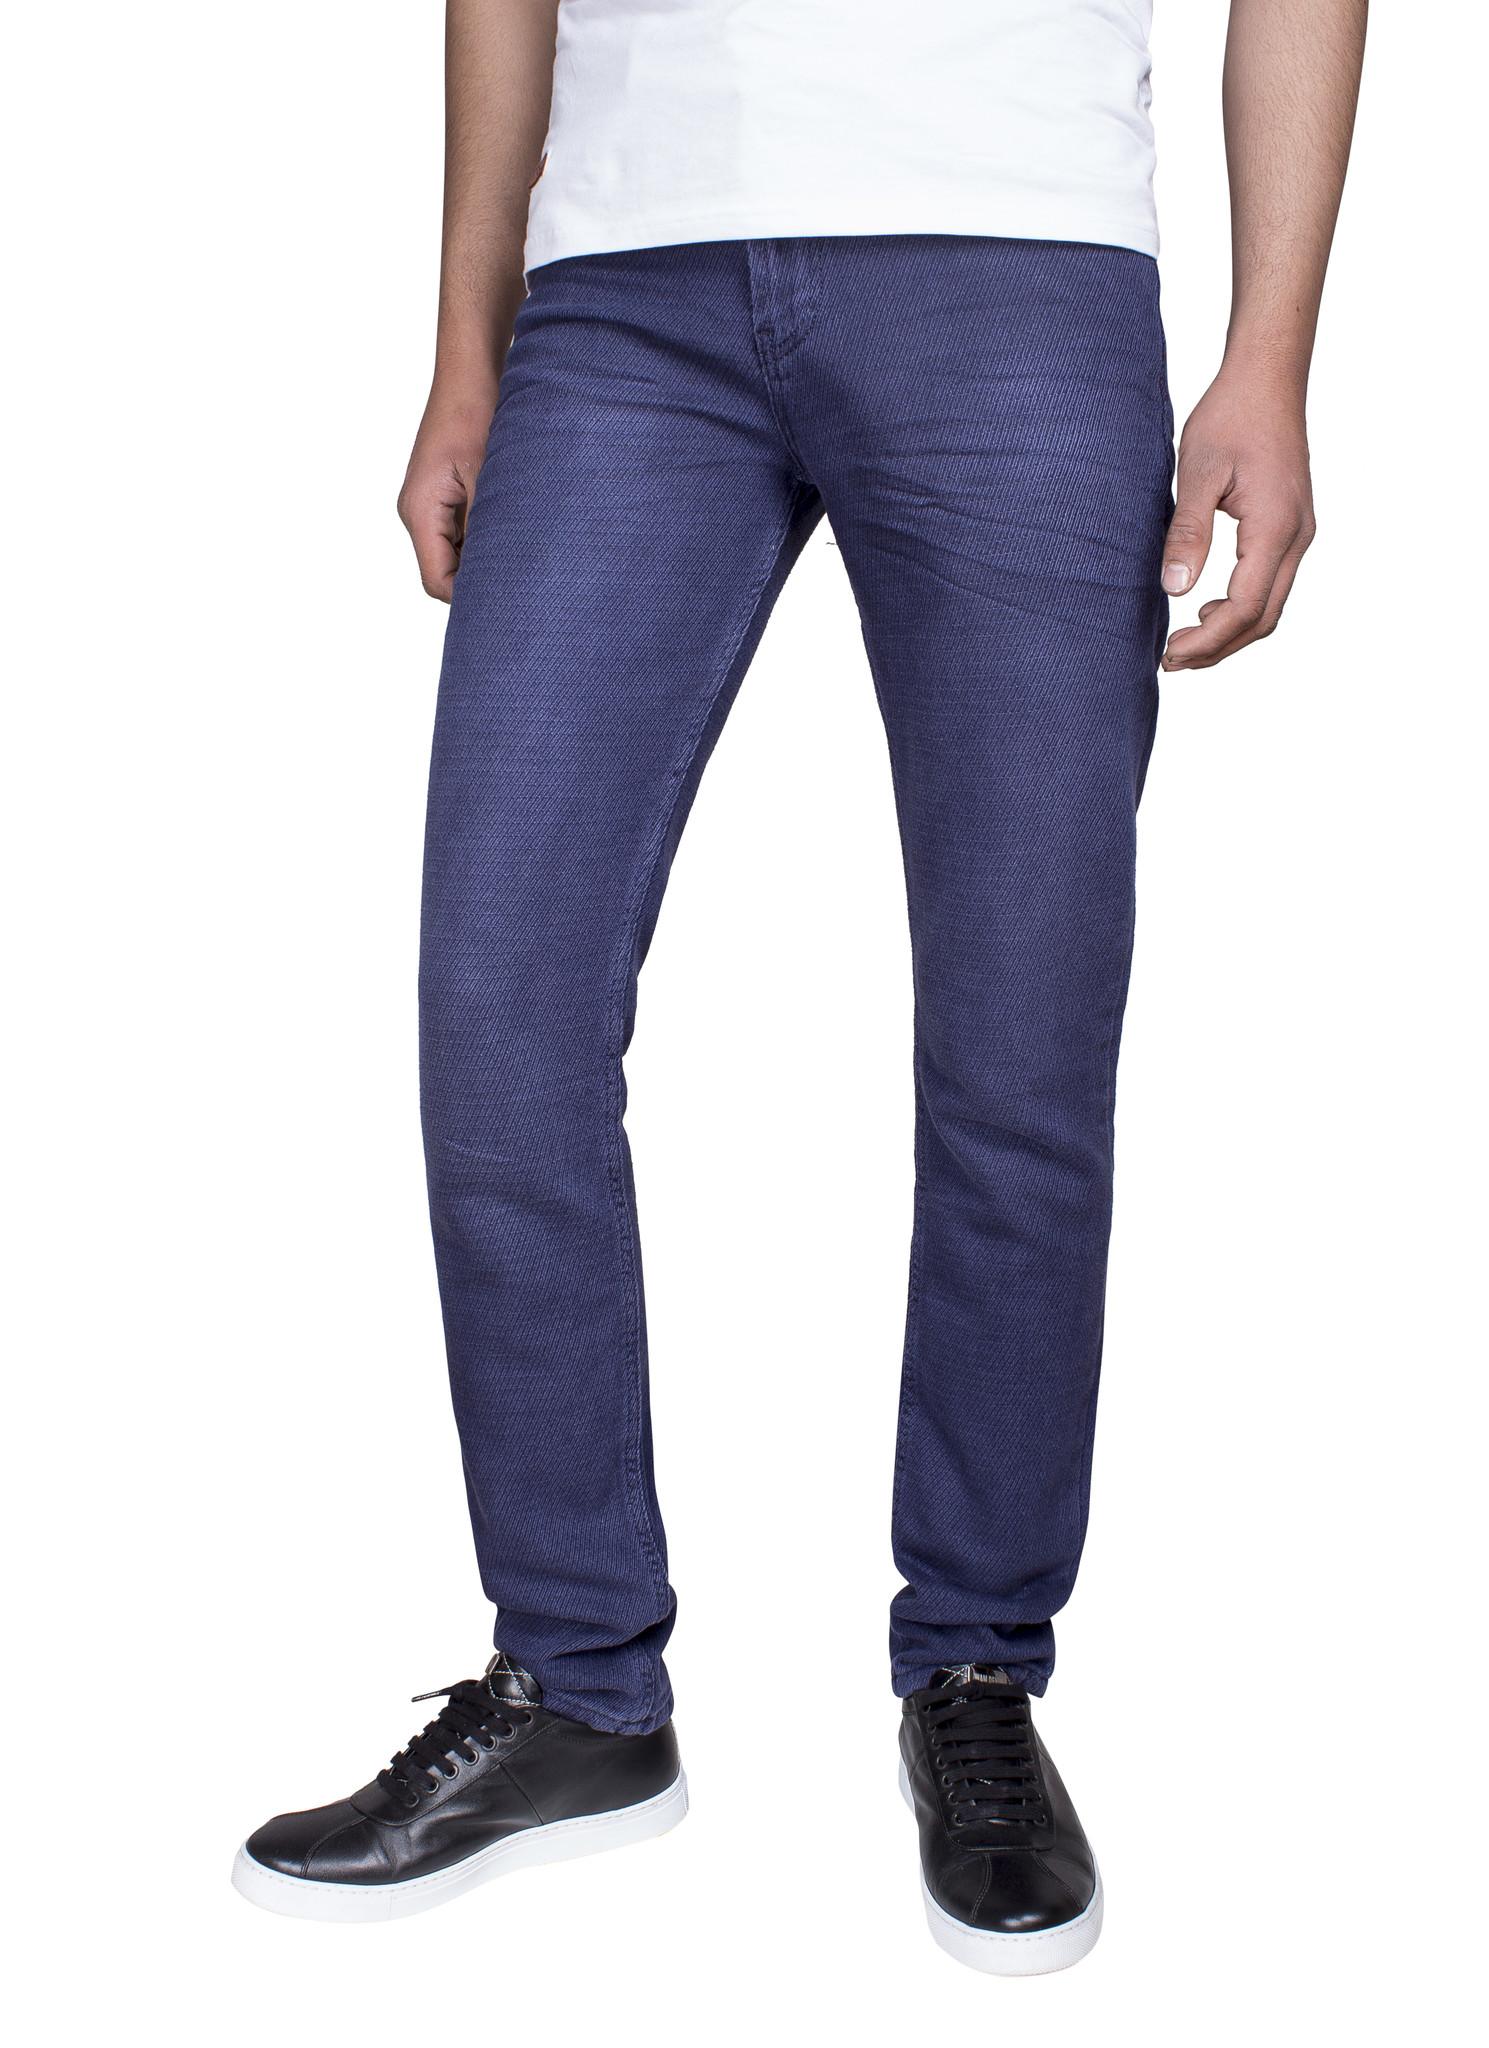 Arya Boy Jeans 82060 Dark Navy L34